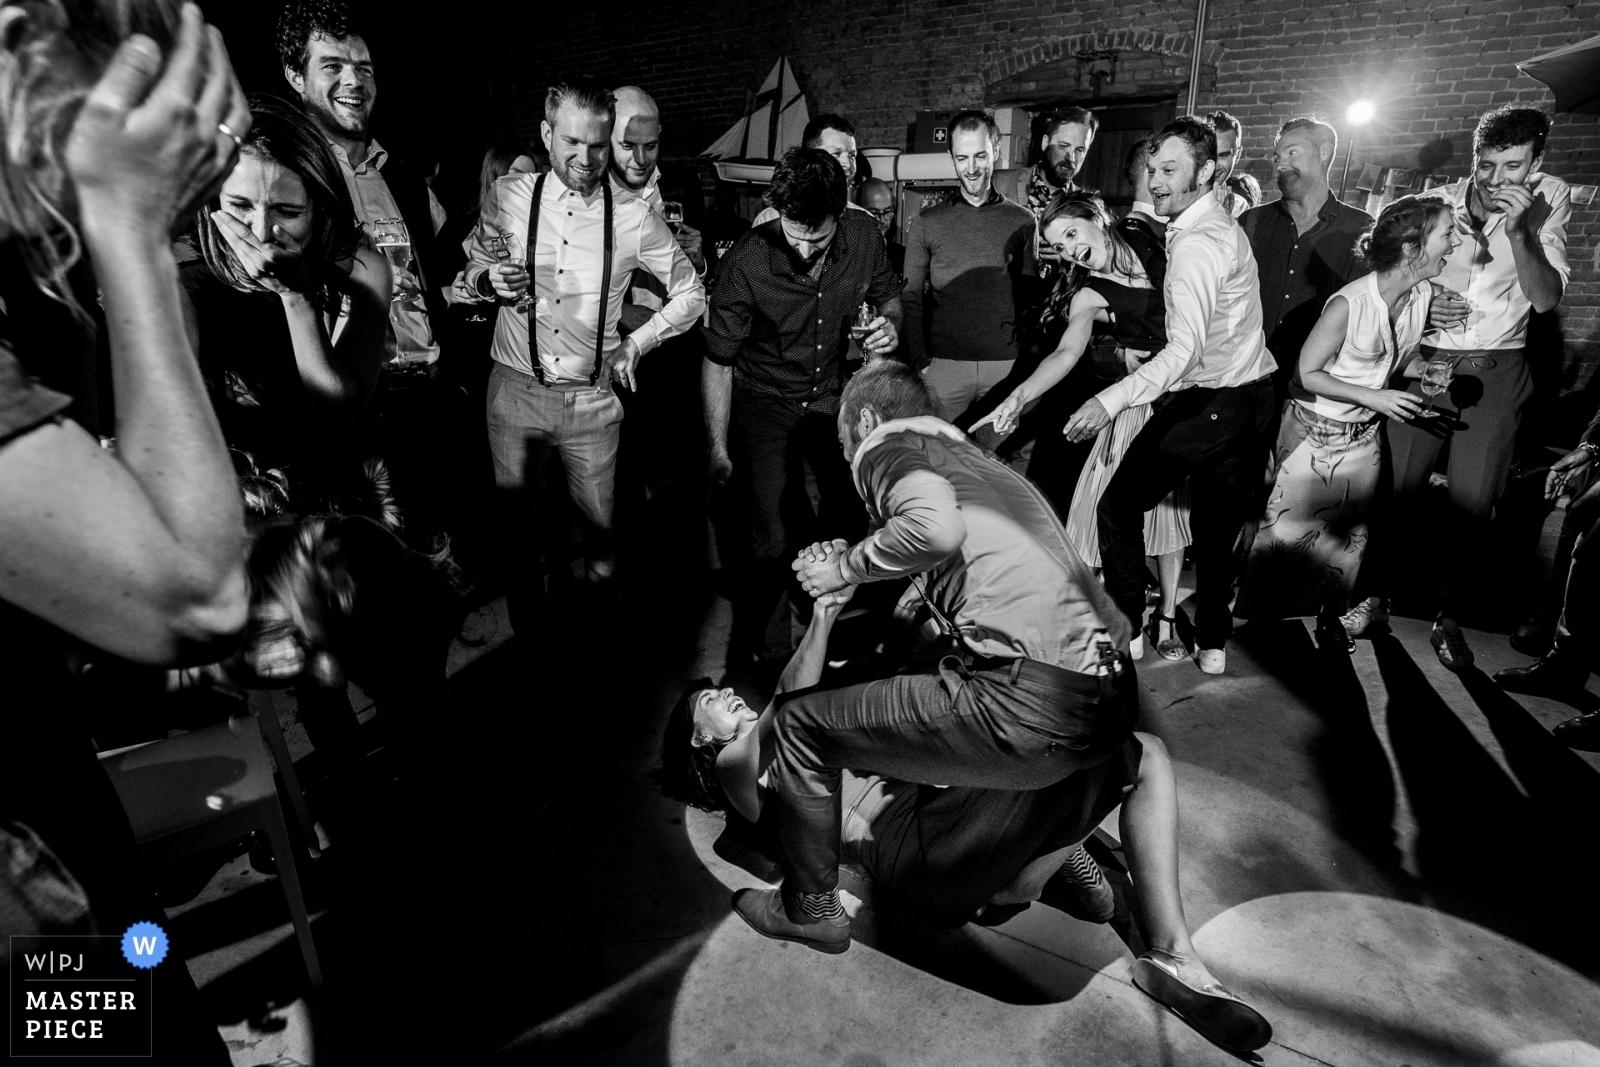 Dangerous dancefloors - Vlaams-Brabant, Flanders Wedding Photography -    Haacht